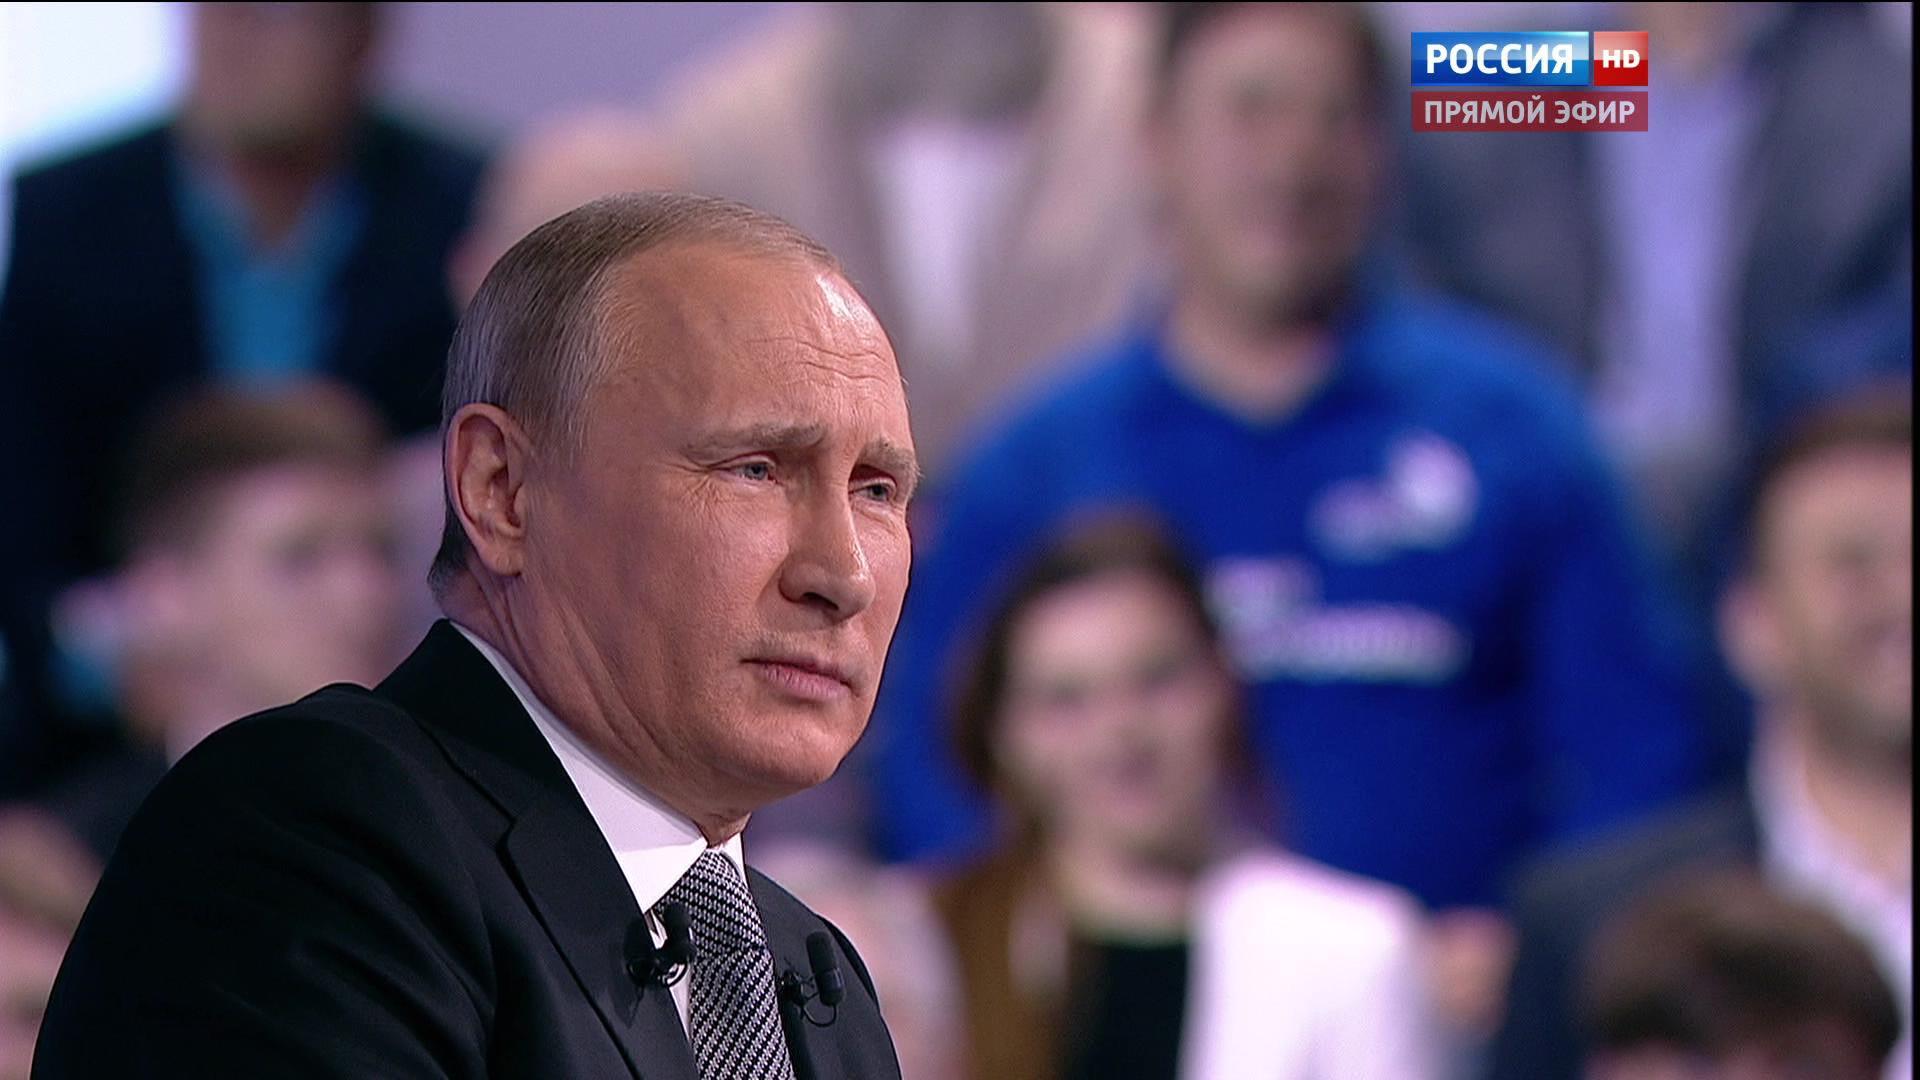 Смотреть россия к канал онлайн бесплатно прямой эфир 1 фотография